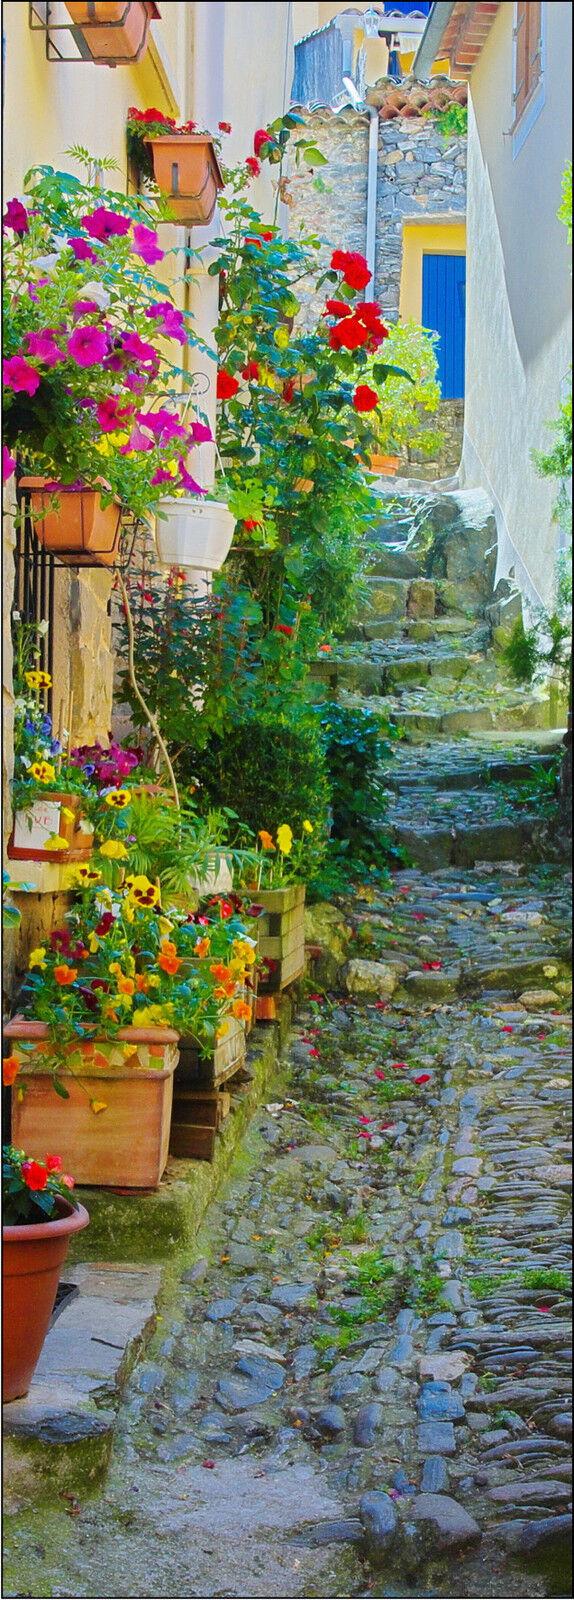 Poster porta decocrazione inganna l'occhio Vicolo fiori fiori fiori ref 725 - 4 dimensioni 250f6d